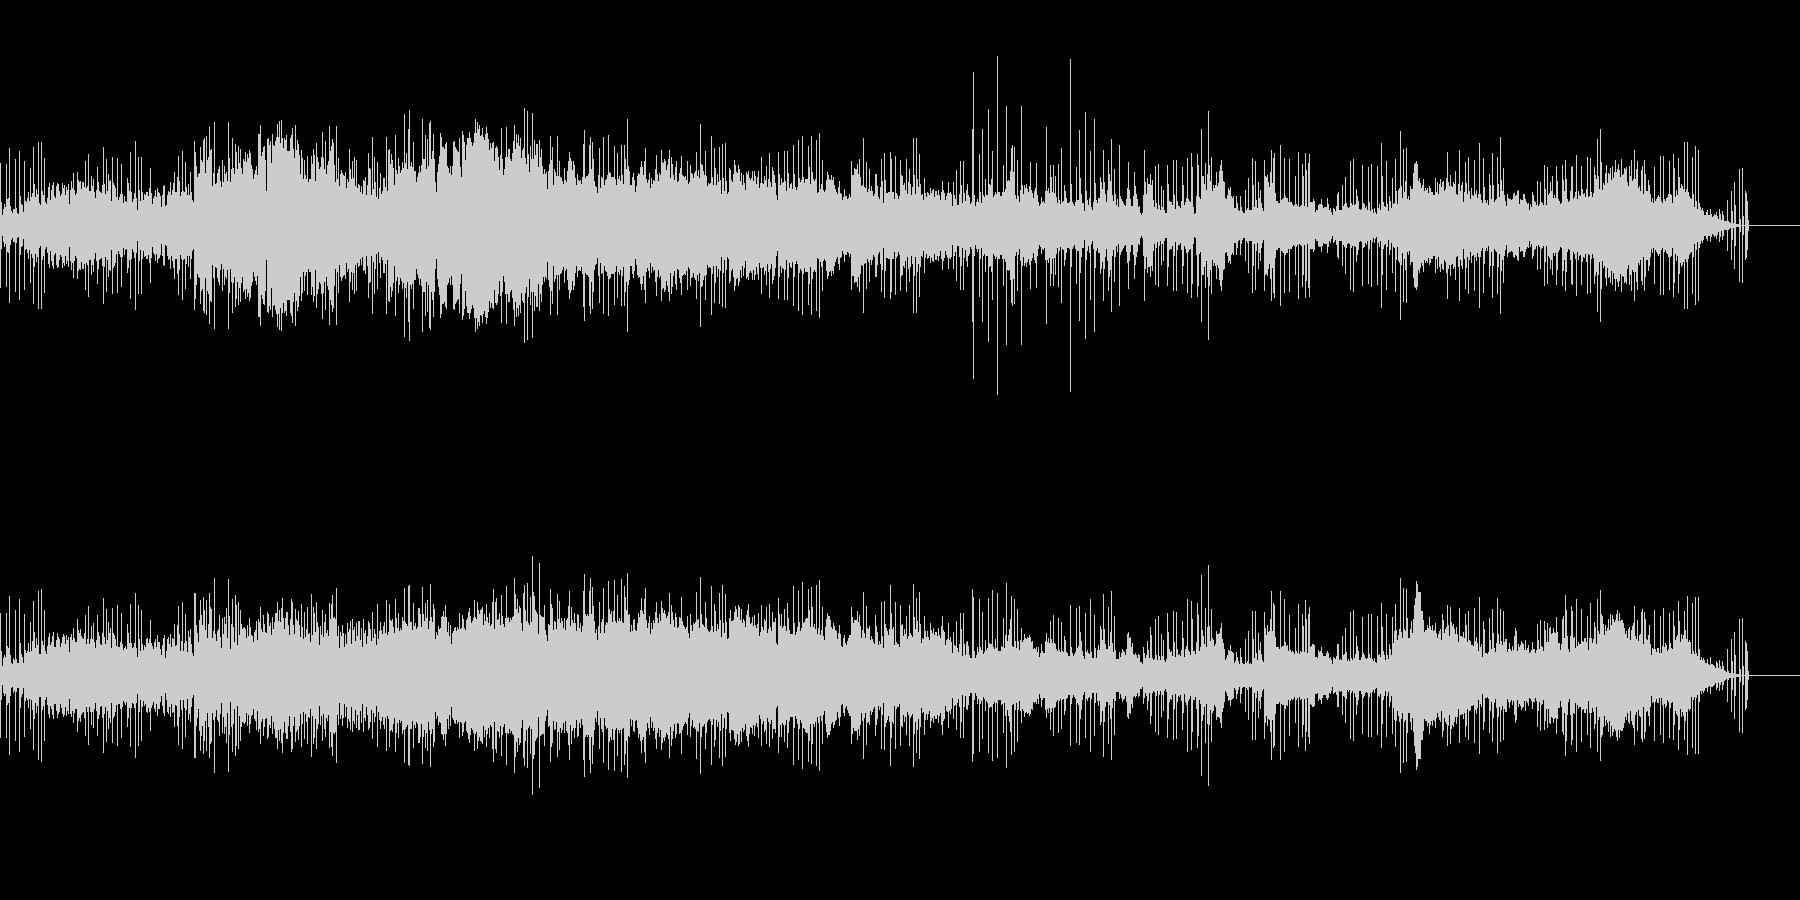 シンプルなサウンドスケープの未再生の波形